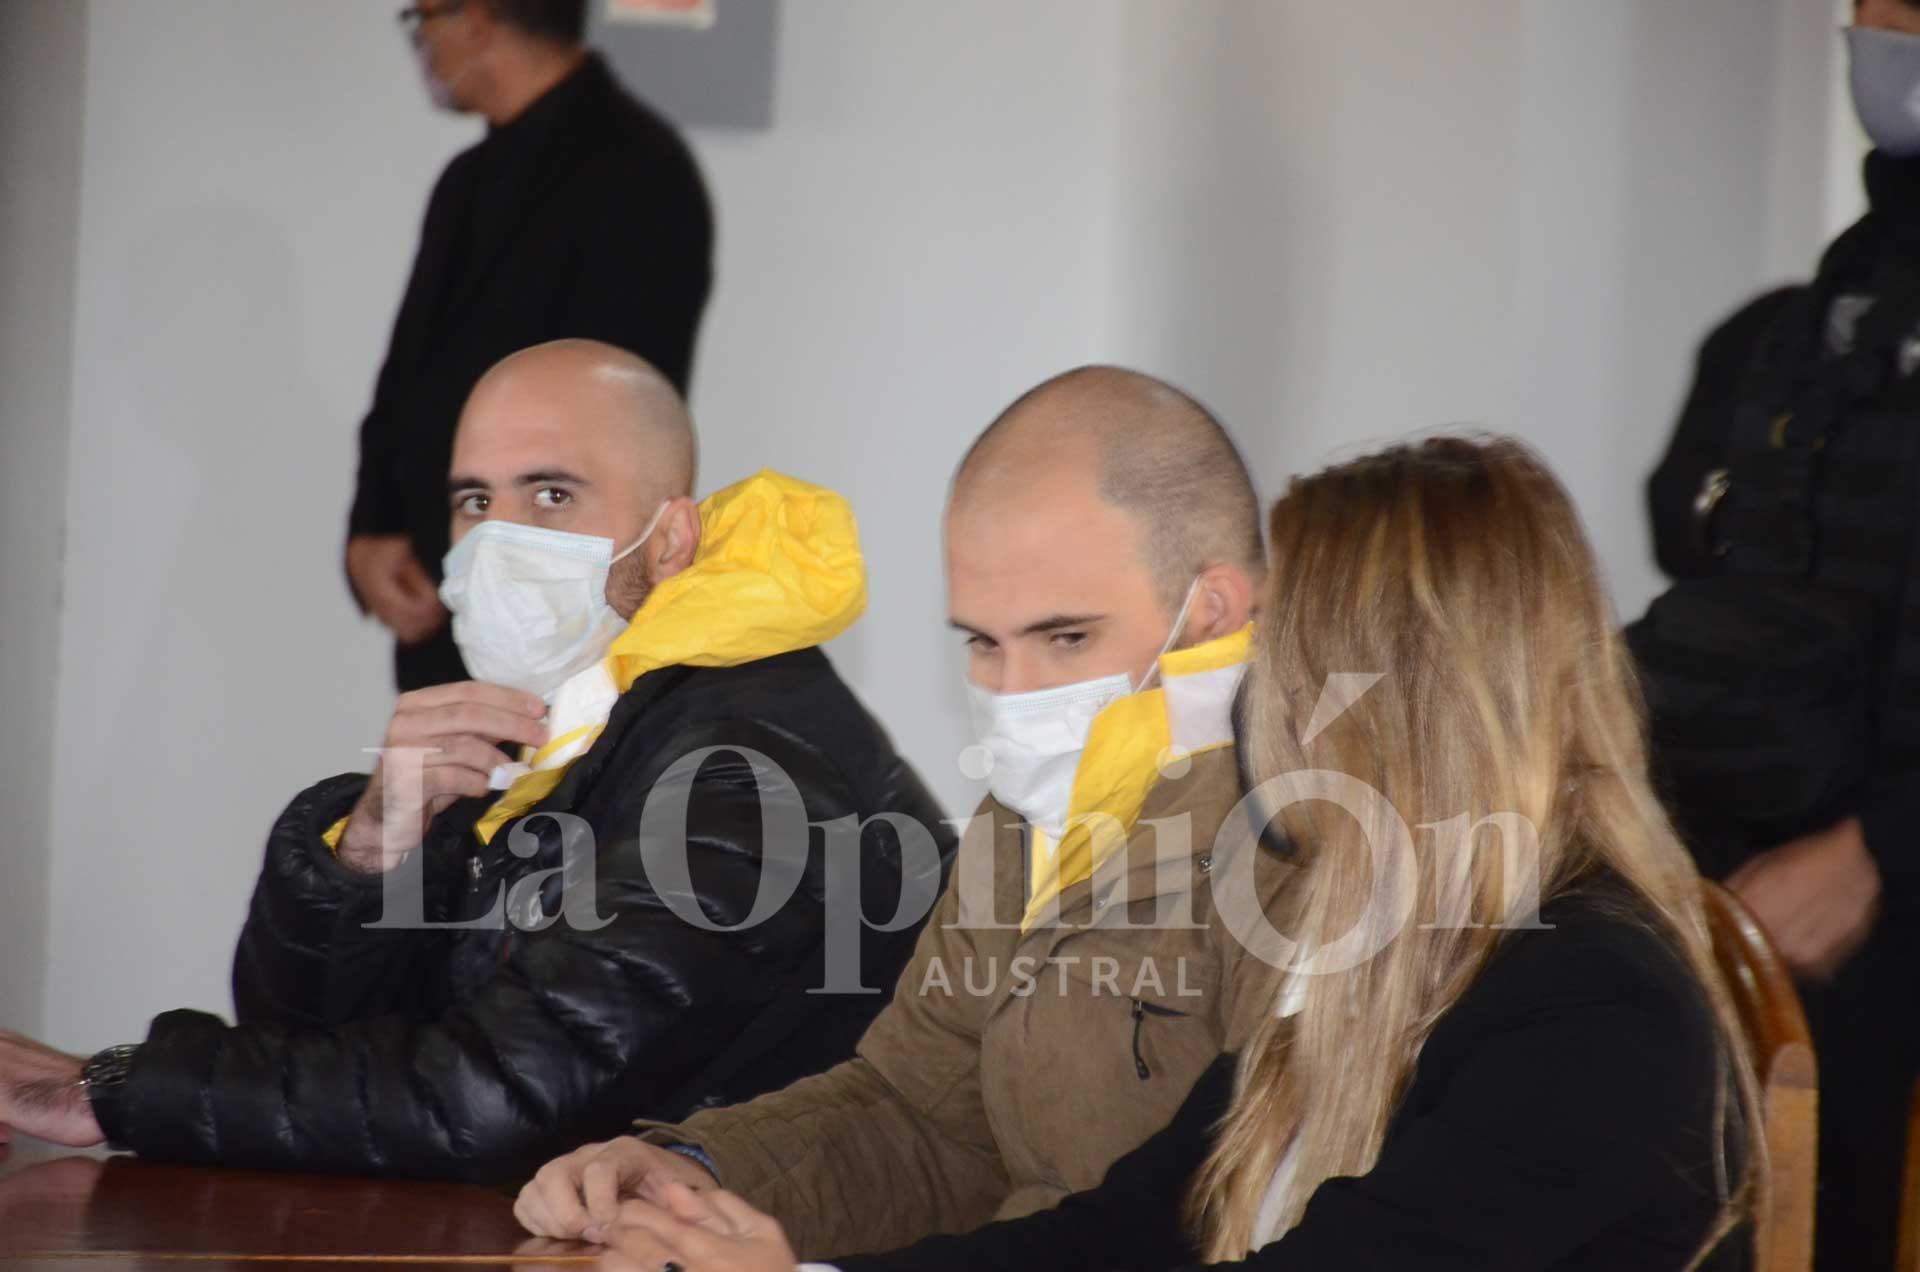 Luis y Maximiliano, condenados a cadena perpetua. Foto: Mirta Velásquez / La Opinión Austral